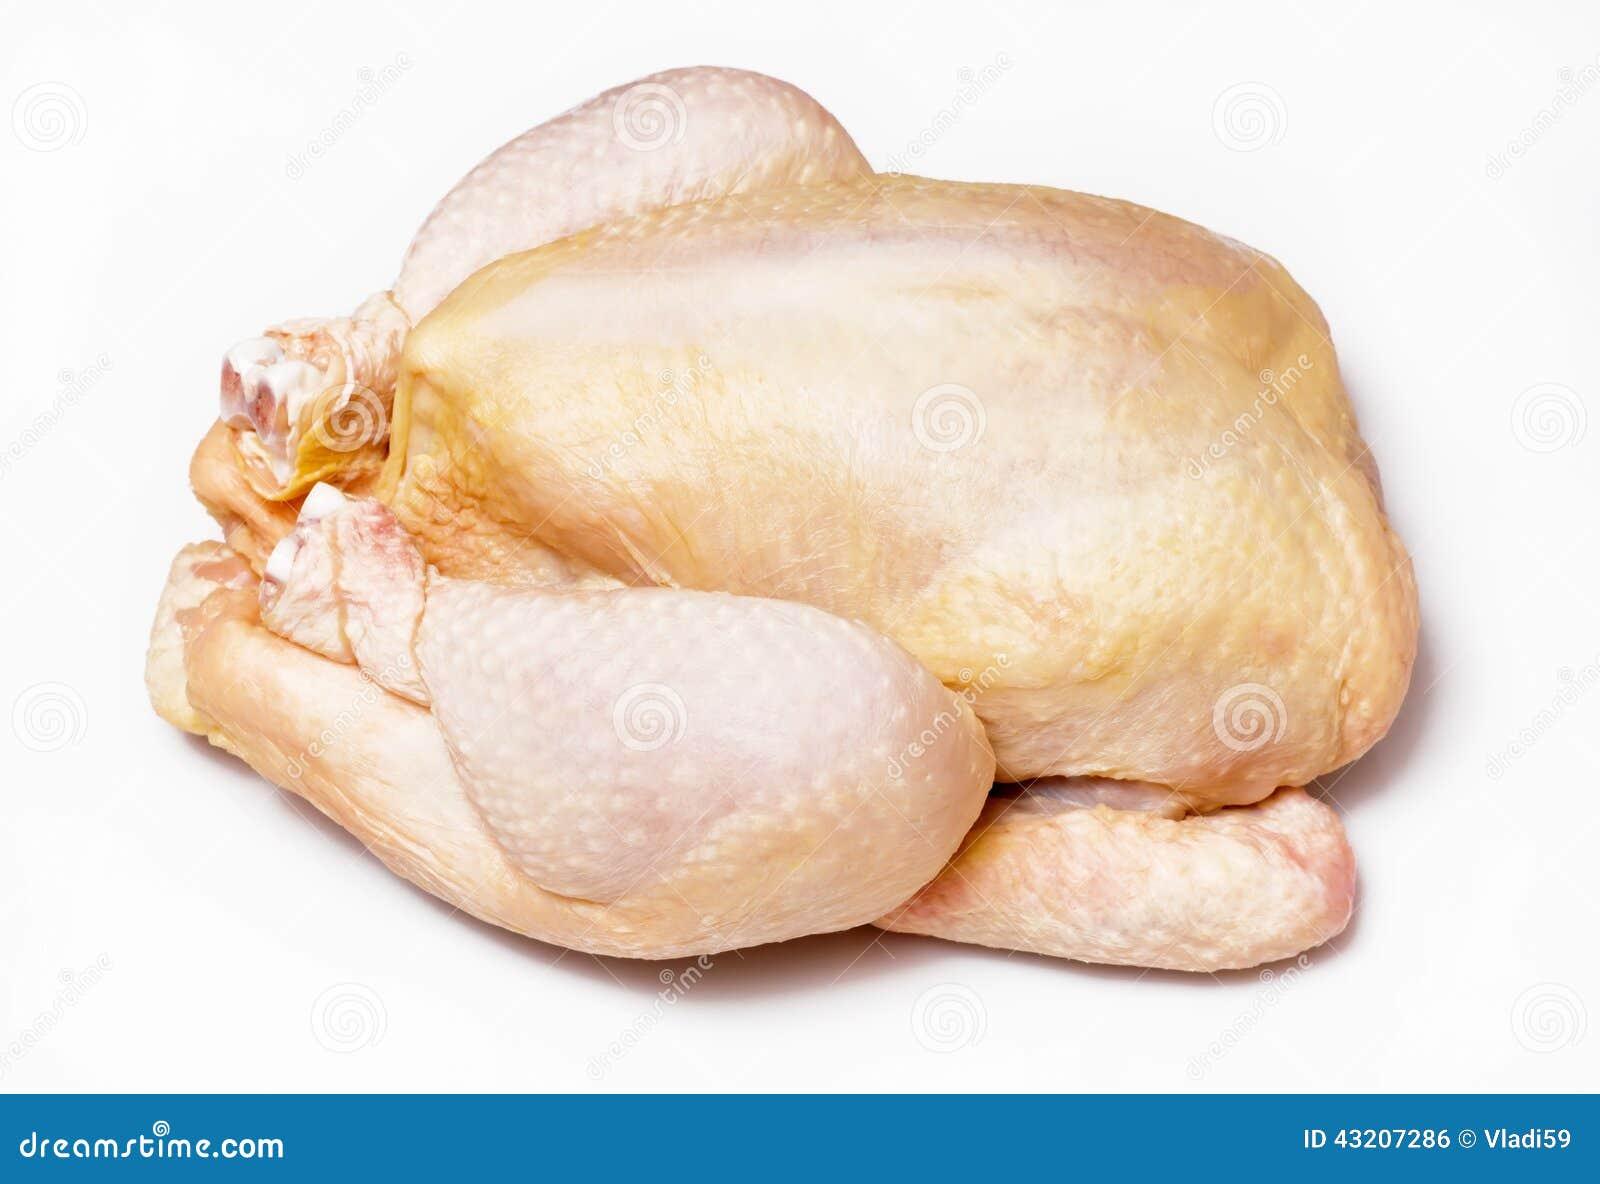 Download Fegt rått arkivfoto. Bild av fågel, rått, matställe, stek - 43207286